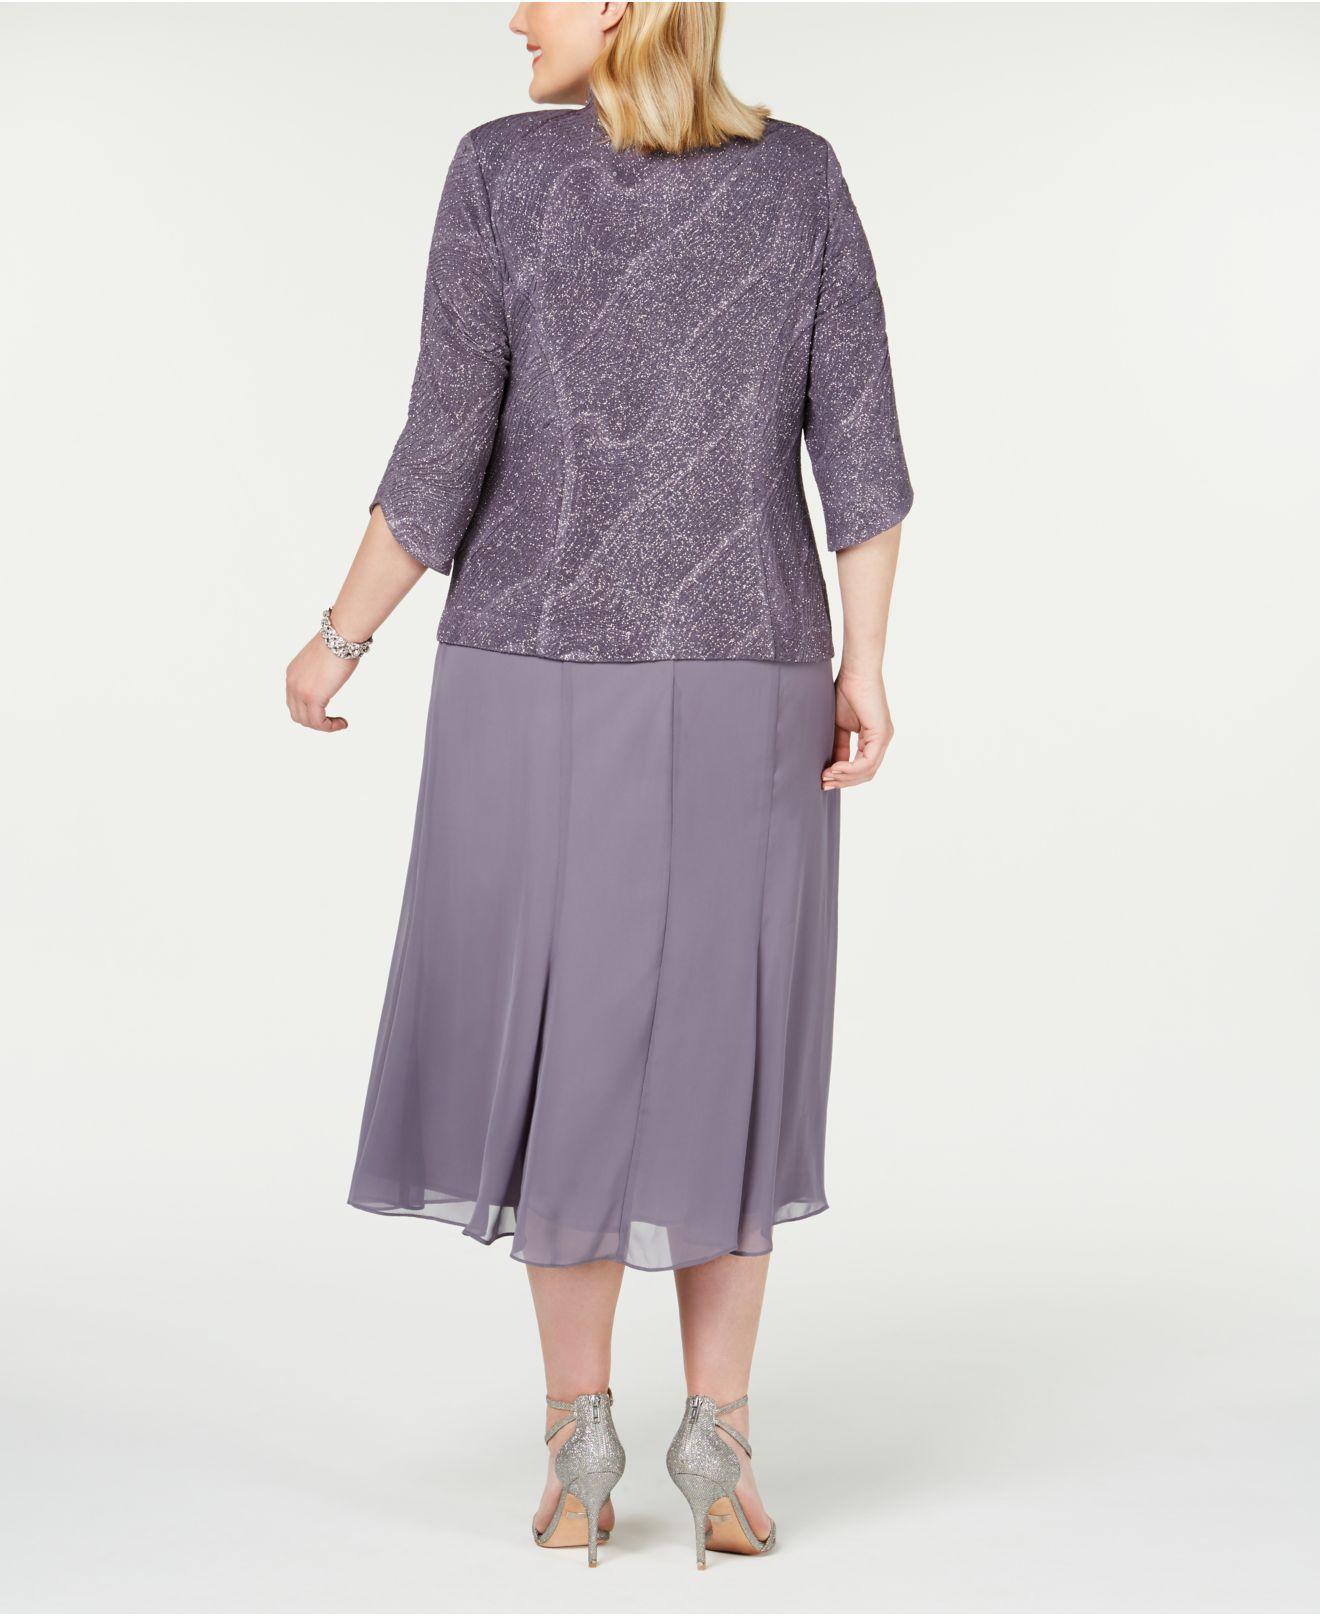 049f79f0f388f Lyst - Alex Evenings Plus Size Tea-length Dress & Jacket in Purple